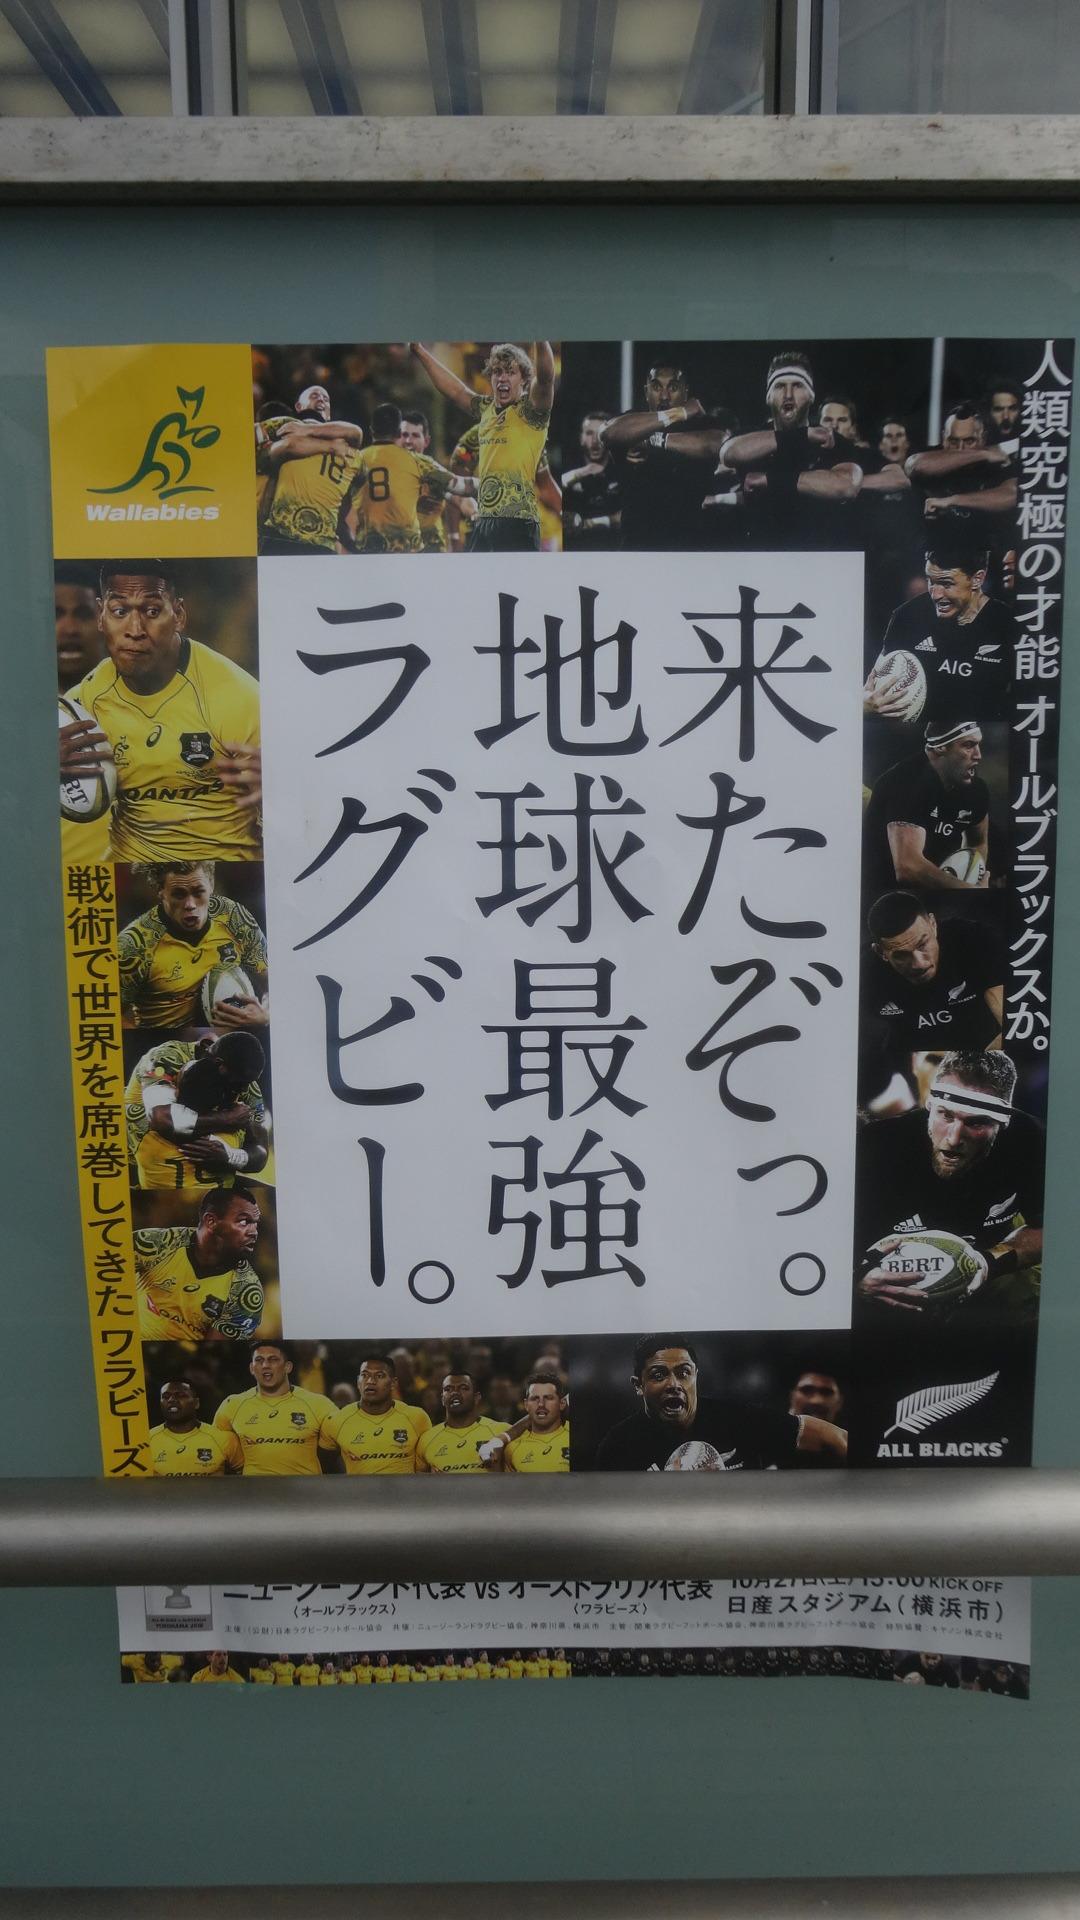 道に貼られていたポスター